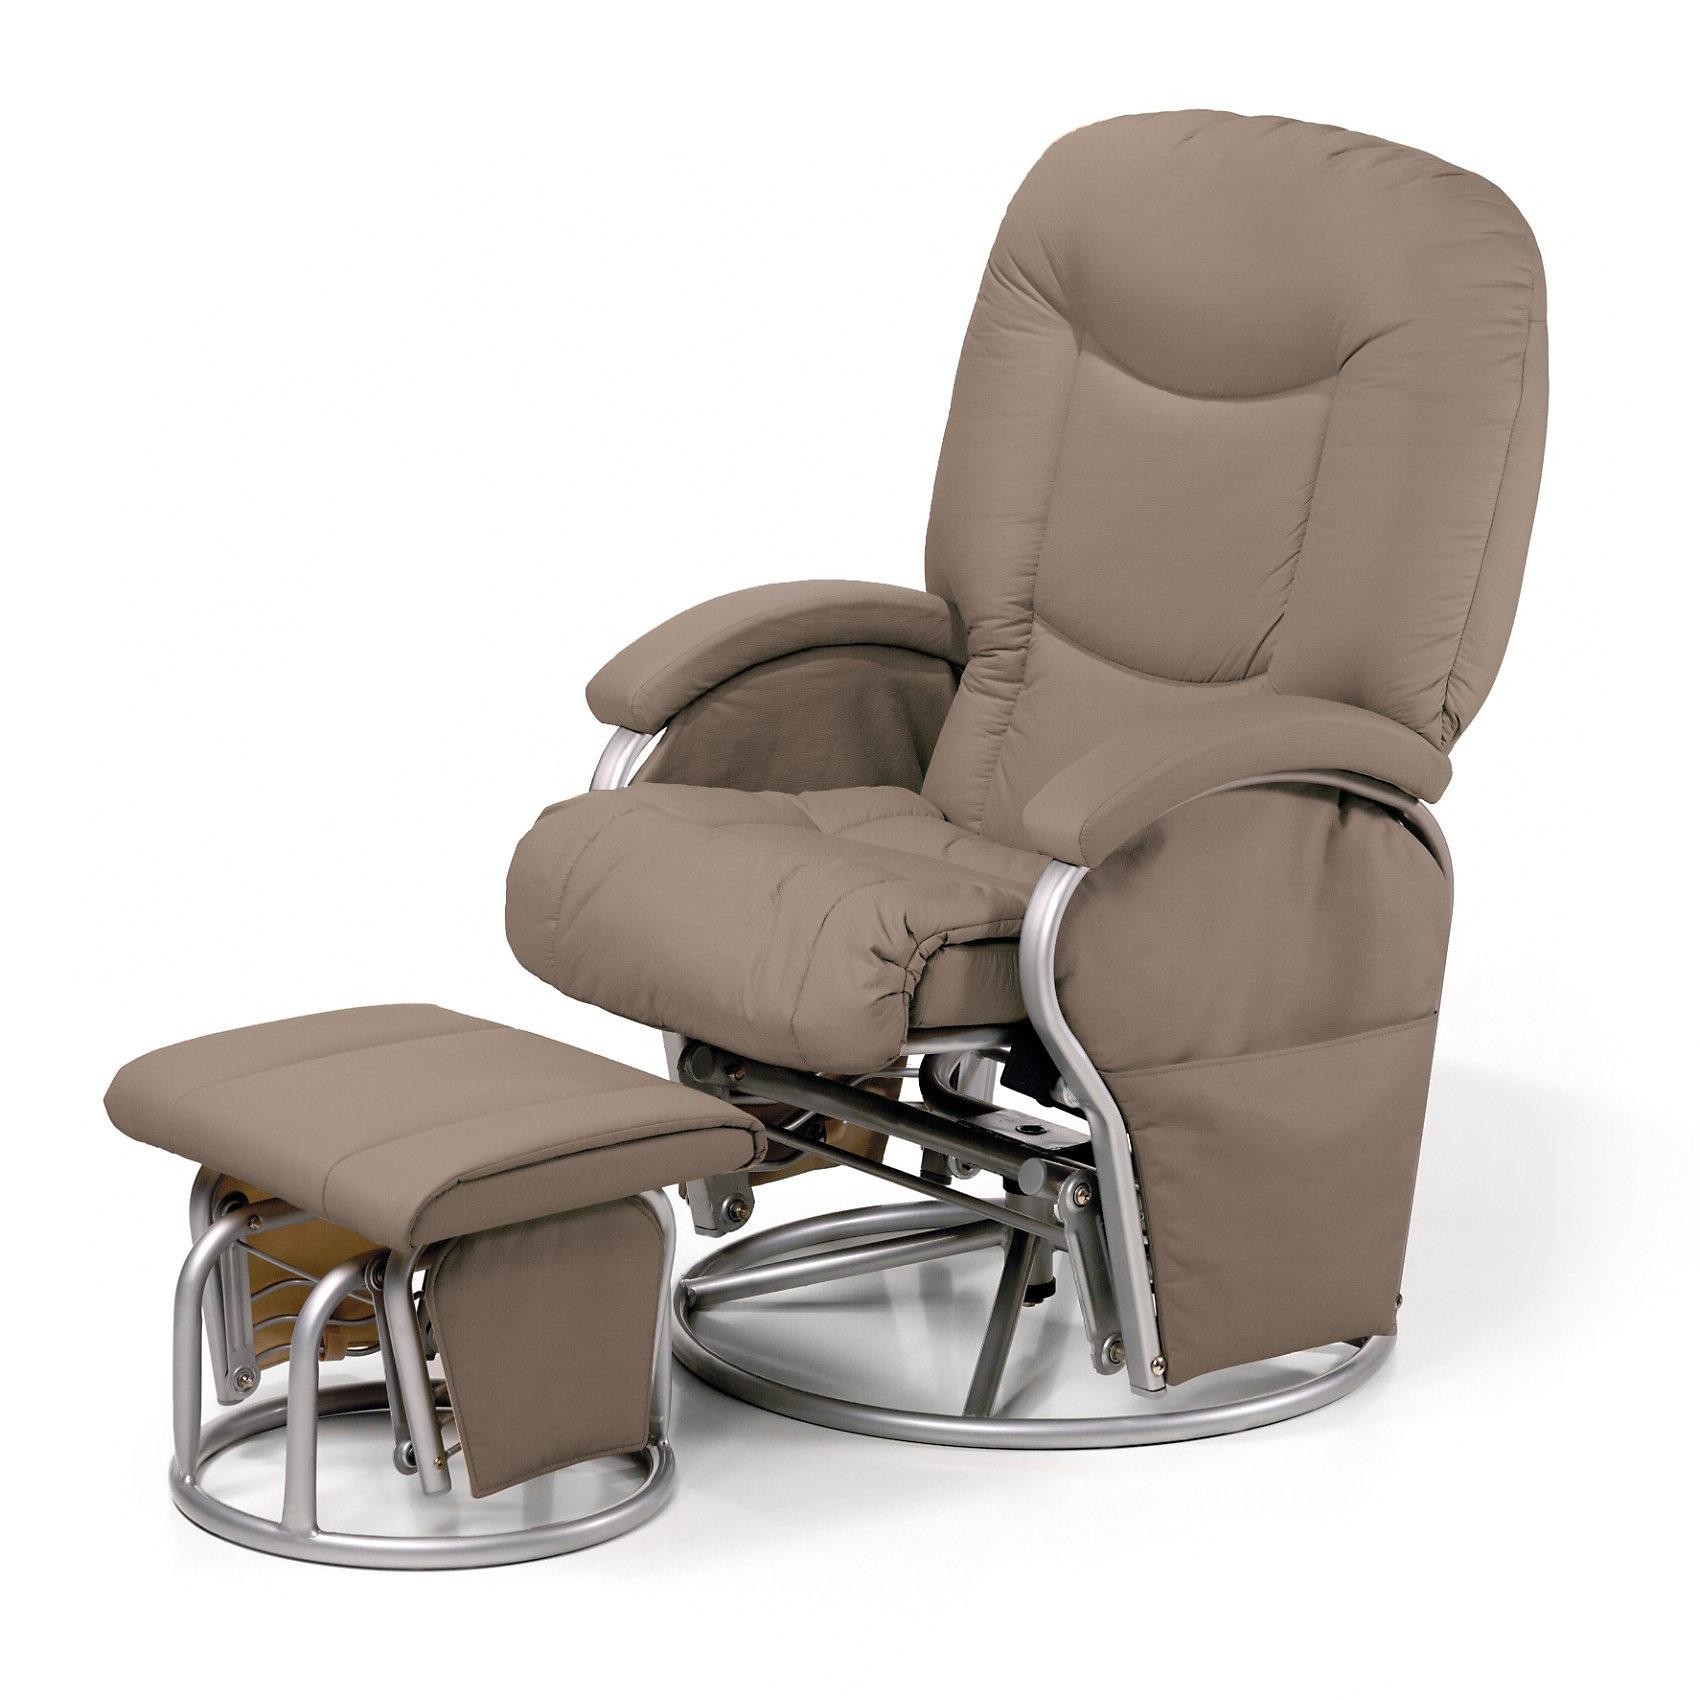 Кресло-качалка для мамы Metal Glider, Hauck, cremeКресла-качалки<br>Характеристики: <br><br>• регулируемый угол наклона спинки, 91-120 градусов;<br>• вращающееся сидение, угол поворота 360 градусов;<br>• эргономичная форма сиденья;<br>• мягкие подлокотники;<br>• пуфик для ног, подвижный механизм;<br>• регулируется расстояние от кресла до пуфика;<br>• материал: эко-кожа, металл.<br><br>Размеры:<br><br>• допустимая нагрузка: 120 кг;<br>• размер кресла: 93х72х102 см;<br>• ширина сиденья: 72 см;<br>• высота спинки: 50 см;<br>• вес кресла: 17,5 кг;<br>• вес стульчика: 4,5 кг;<br>• размер стульчика: 44х48х35 см;<br>• вес в упаковке: 22 кг.<br><br>Комплектация:<br><br>• кресло-качалка;<br>• пуфик-качалка;<br>• инструкция.<br><br>Кресло-качалку для мамы Metal Glider, Hauck, creme можно купить в нашем интернет-магазине.<br><br>Ширина мм: 920<br>Глубина мм: 570<br>Высота мм: 440<br>Вес г: 25500<br>Цвет: бежевый<br>Возраст от месяцев: 0<br>Возраст до месяцев: 24<br>Пол: Унисекс<br>Возраст: Детский<br>SKU: 1865146